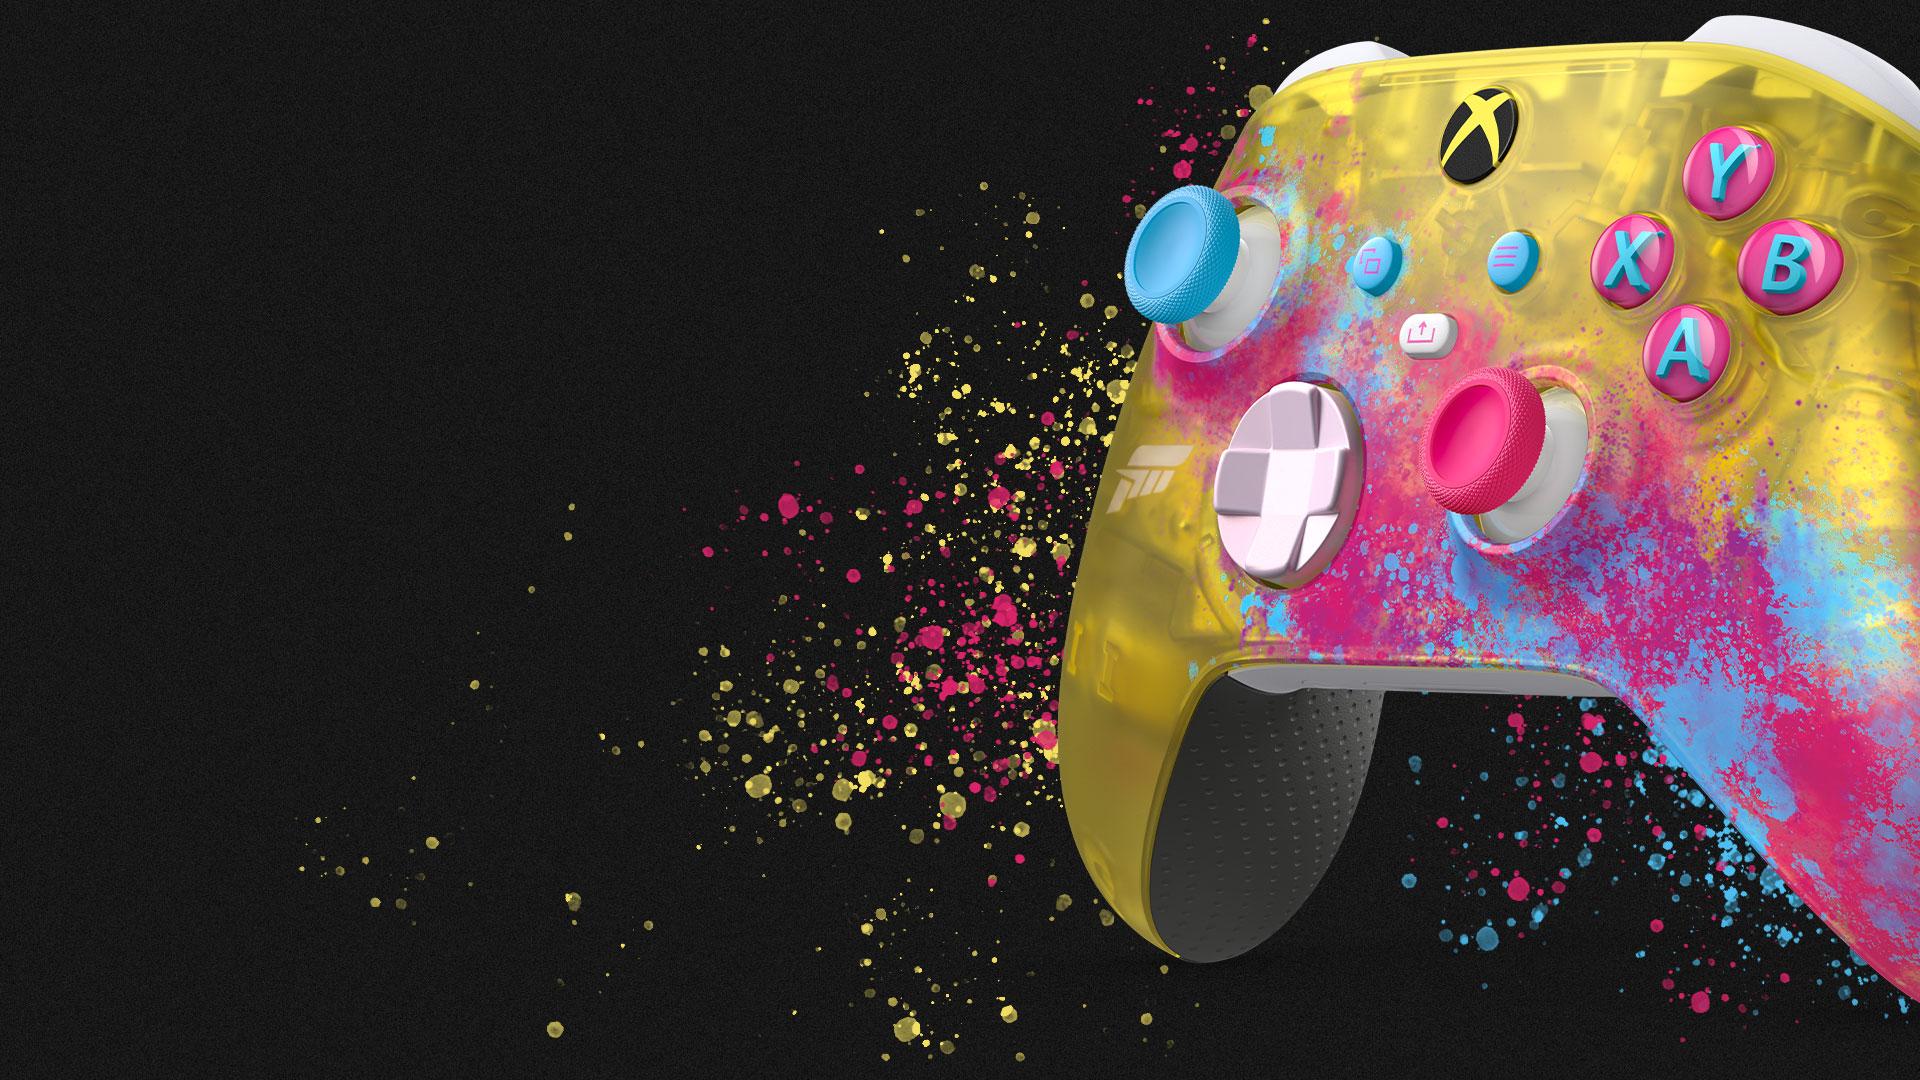 노란색, 분홍색, 파란색 물감이 튄 듯한 무늬가 있는 Forza Horizon 5 전용 디자인 컨트롤러